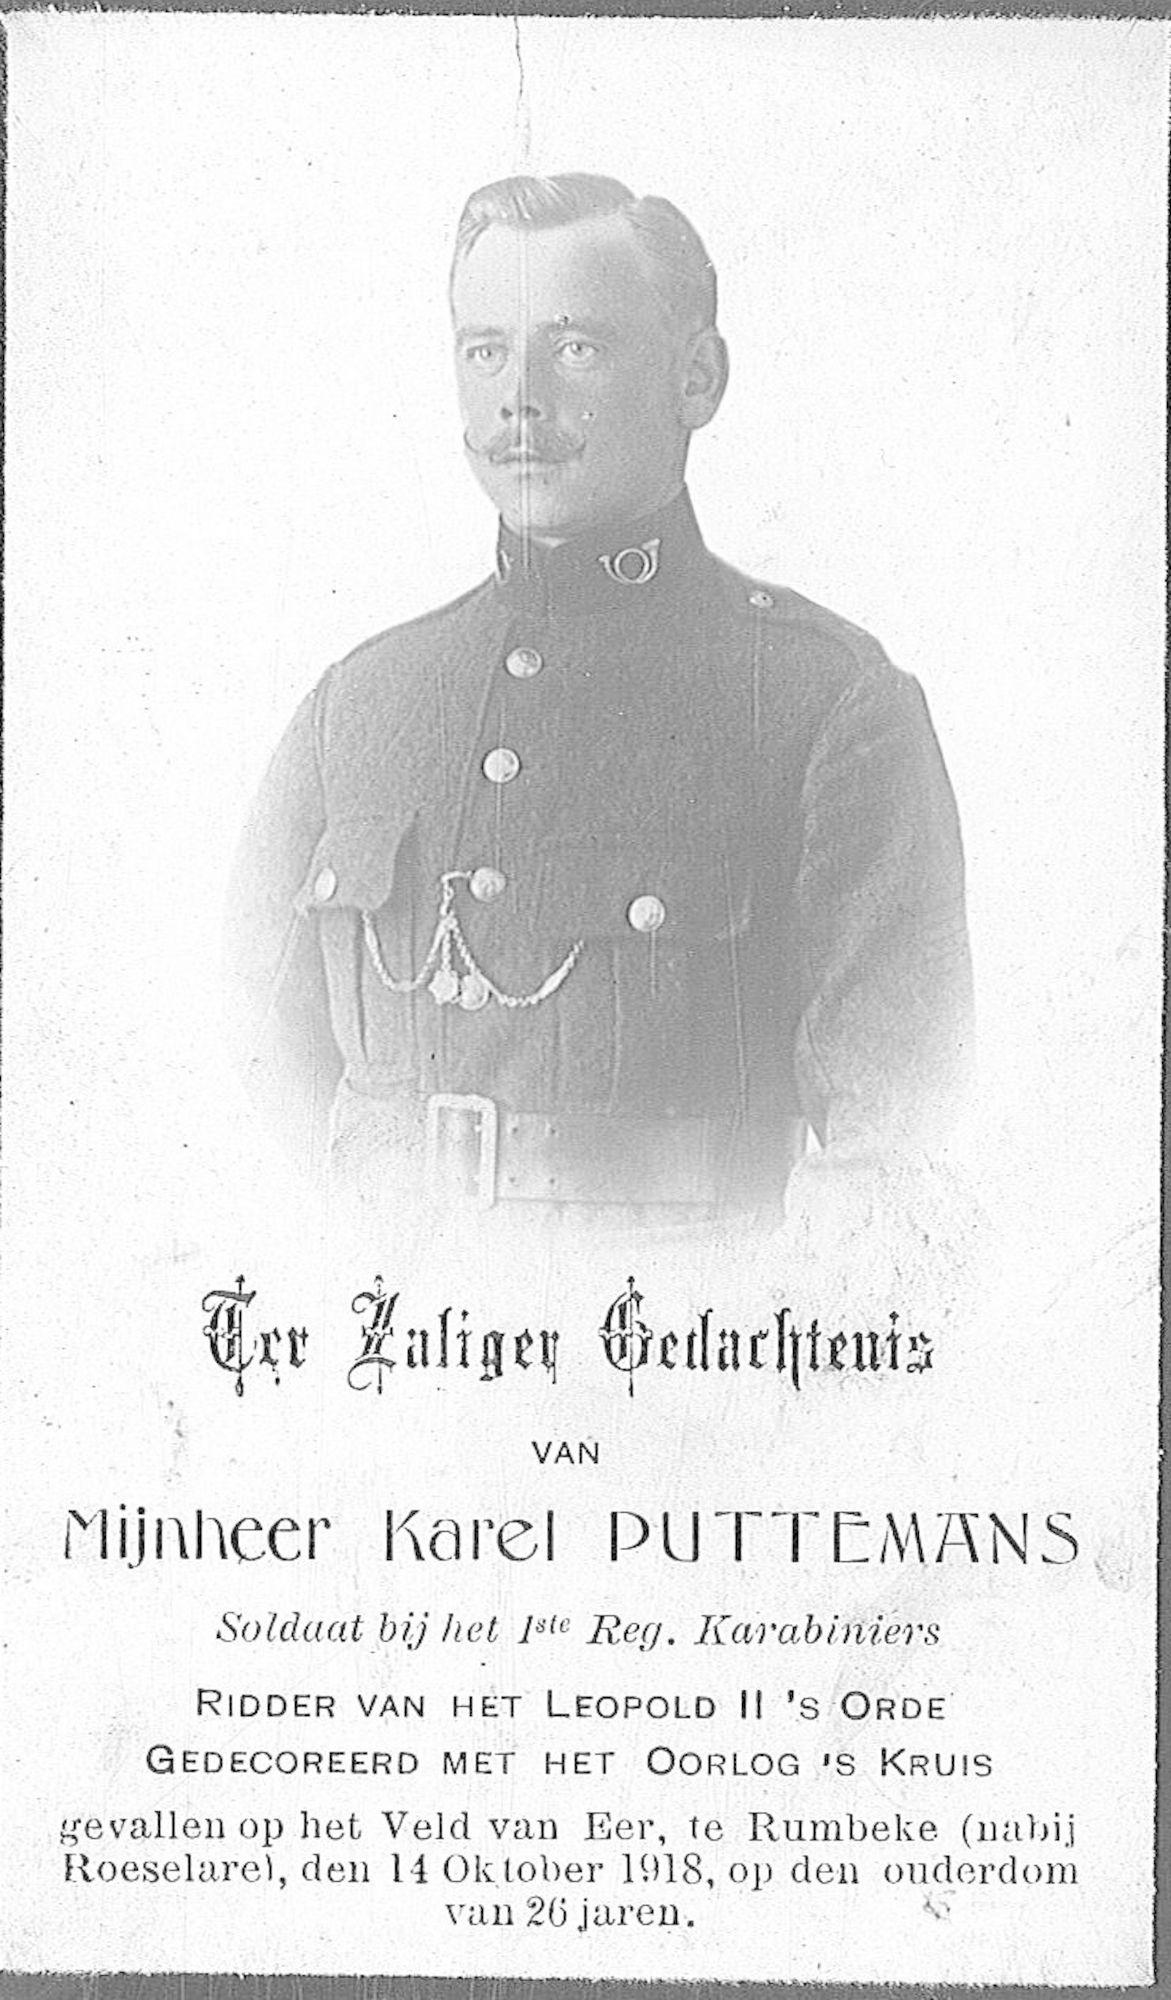 Karel Puttemans